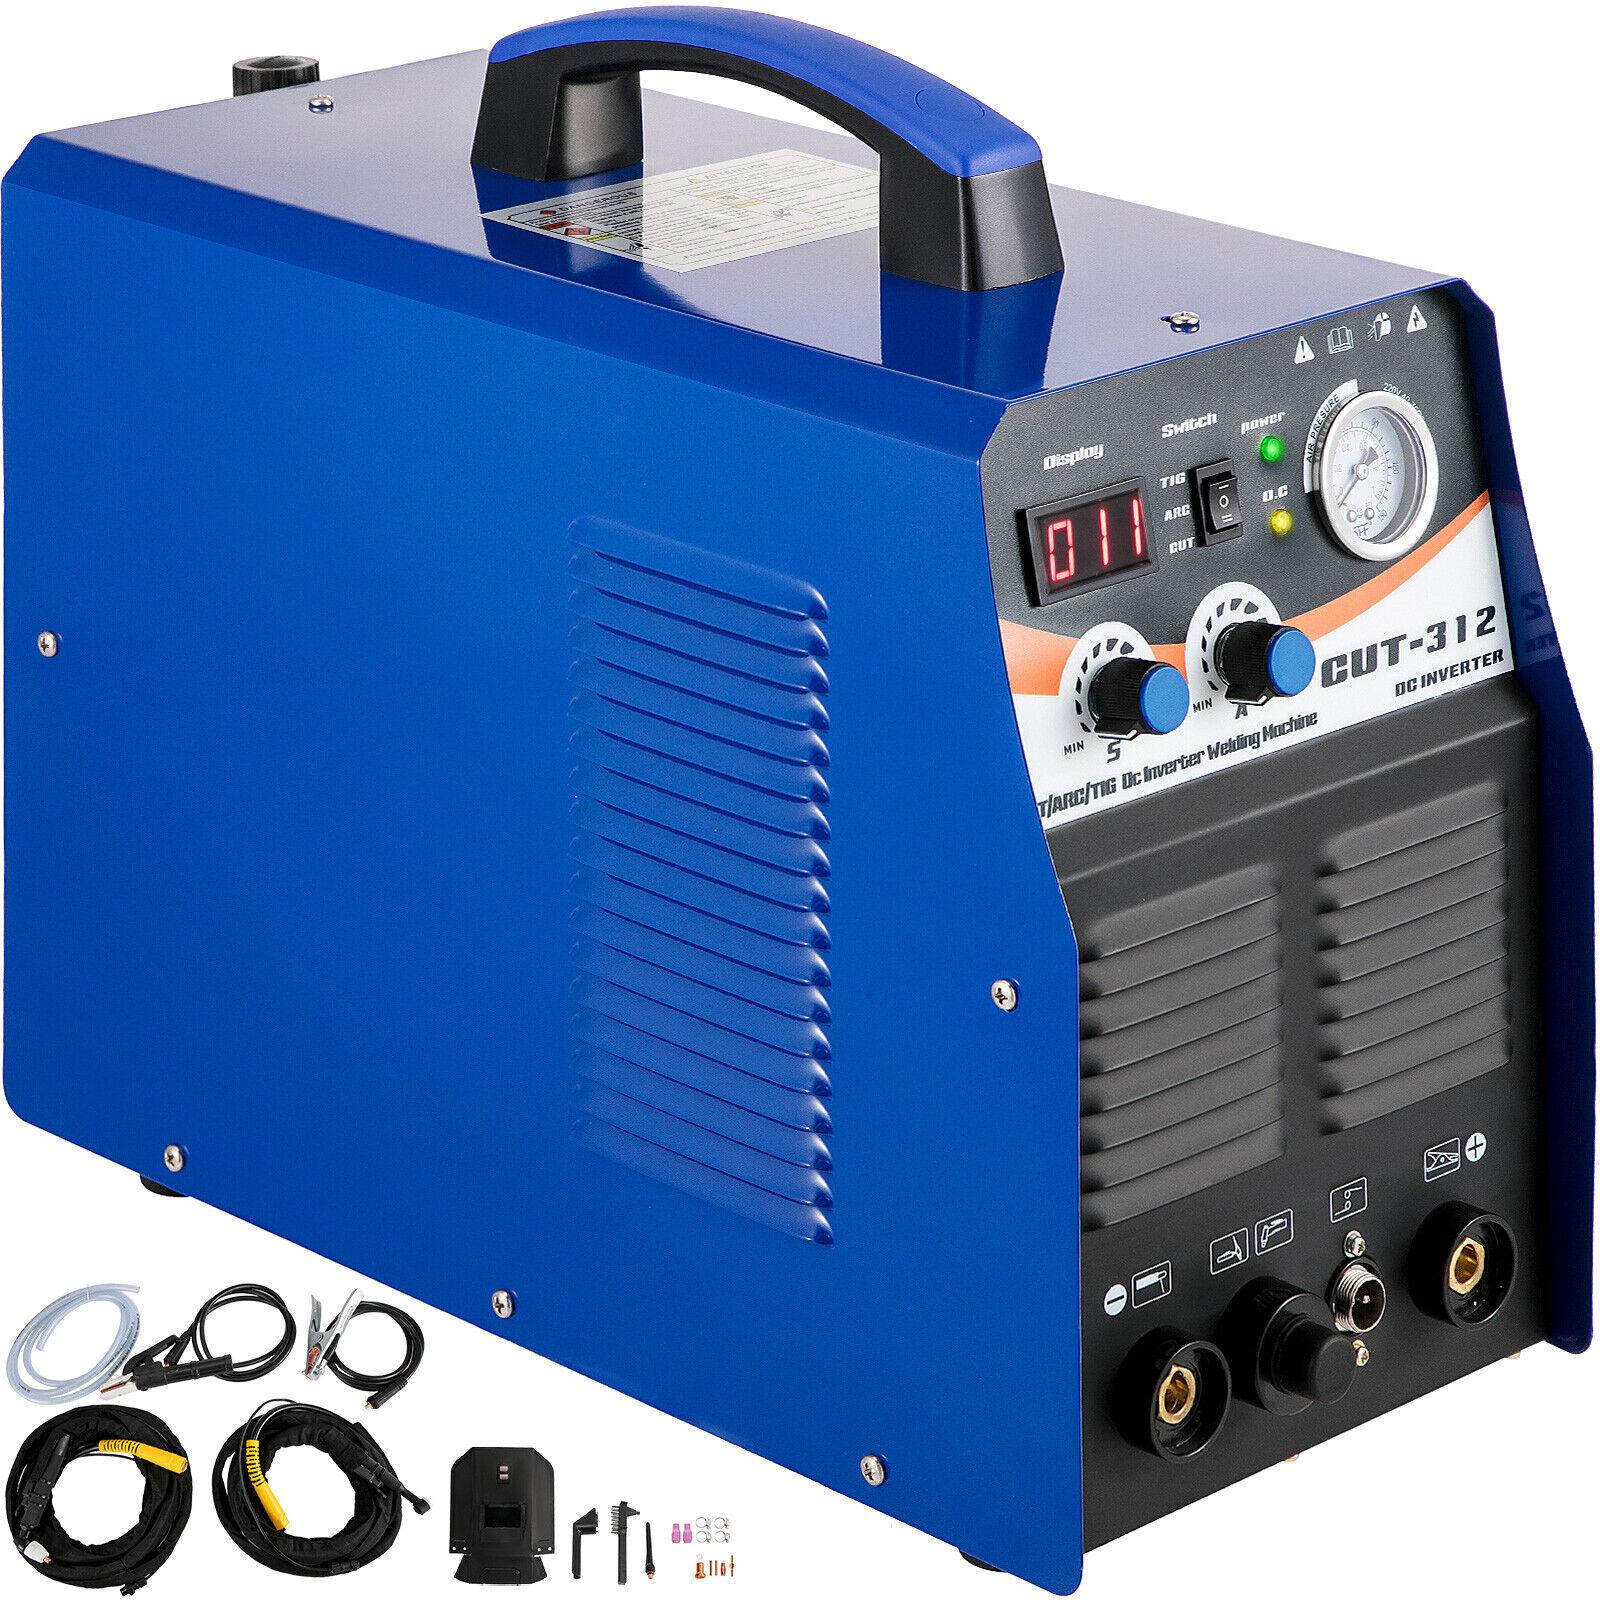 3 IN 1 Plasma cutter TIG / MMA Stick/ARC Torch Welder CT312 Blue Welding Machine. Buy it now for 271.99